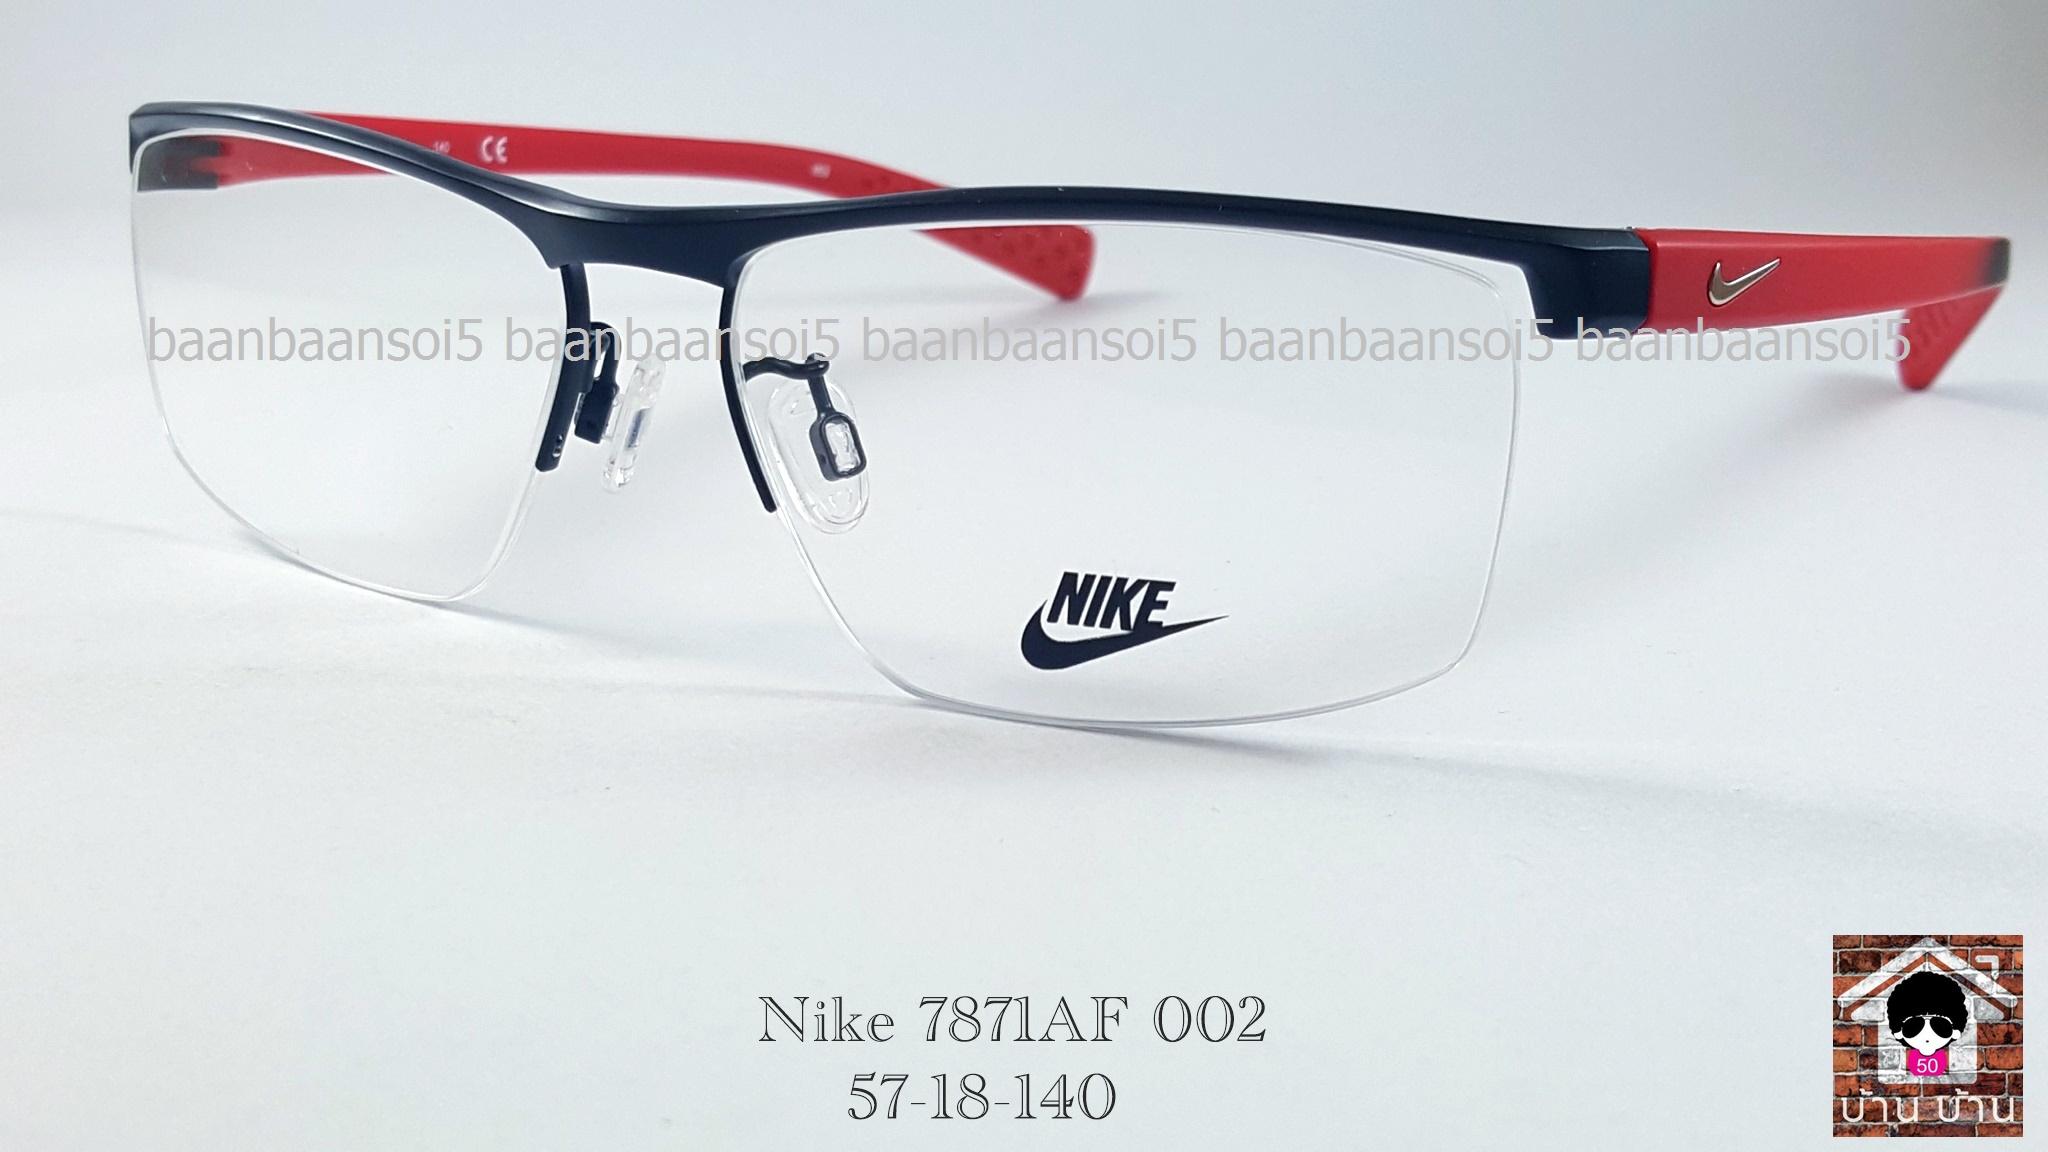 NIKE BRAND ORIGINALแท้ 7871AF 002 กรอบแว่นตาพร้อมเลนส์ มัลติโค๊ตHOYA ป้องกันรังสีคอม 4,200 บาท